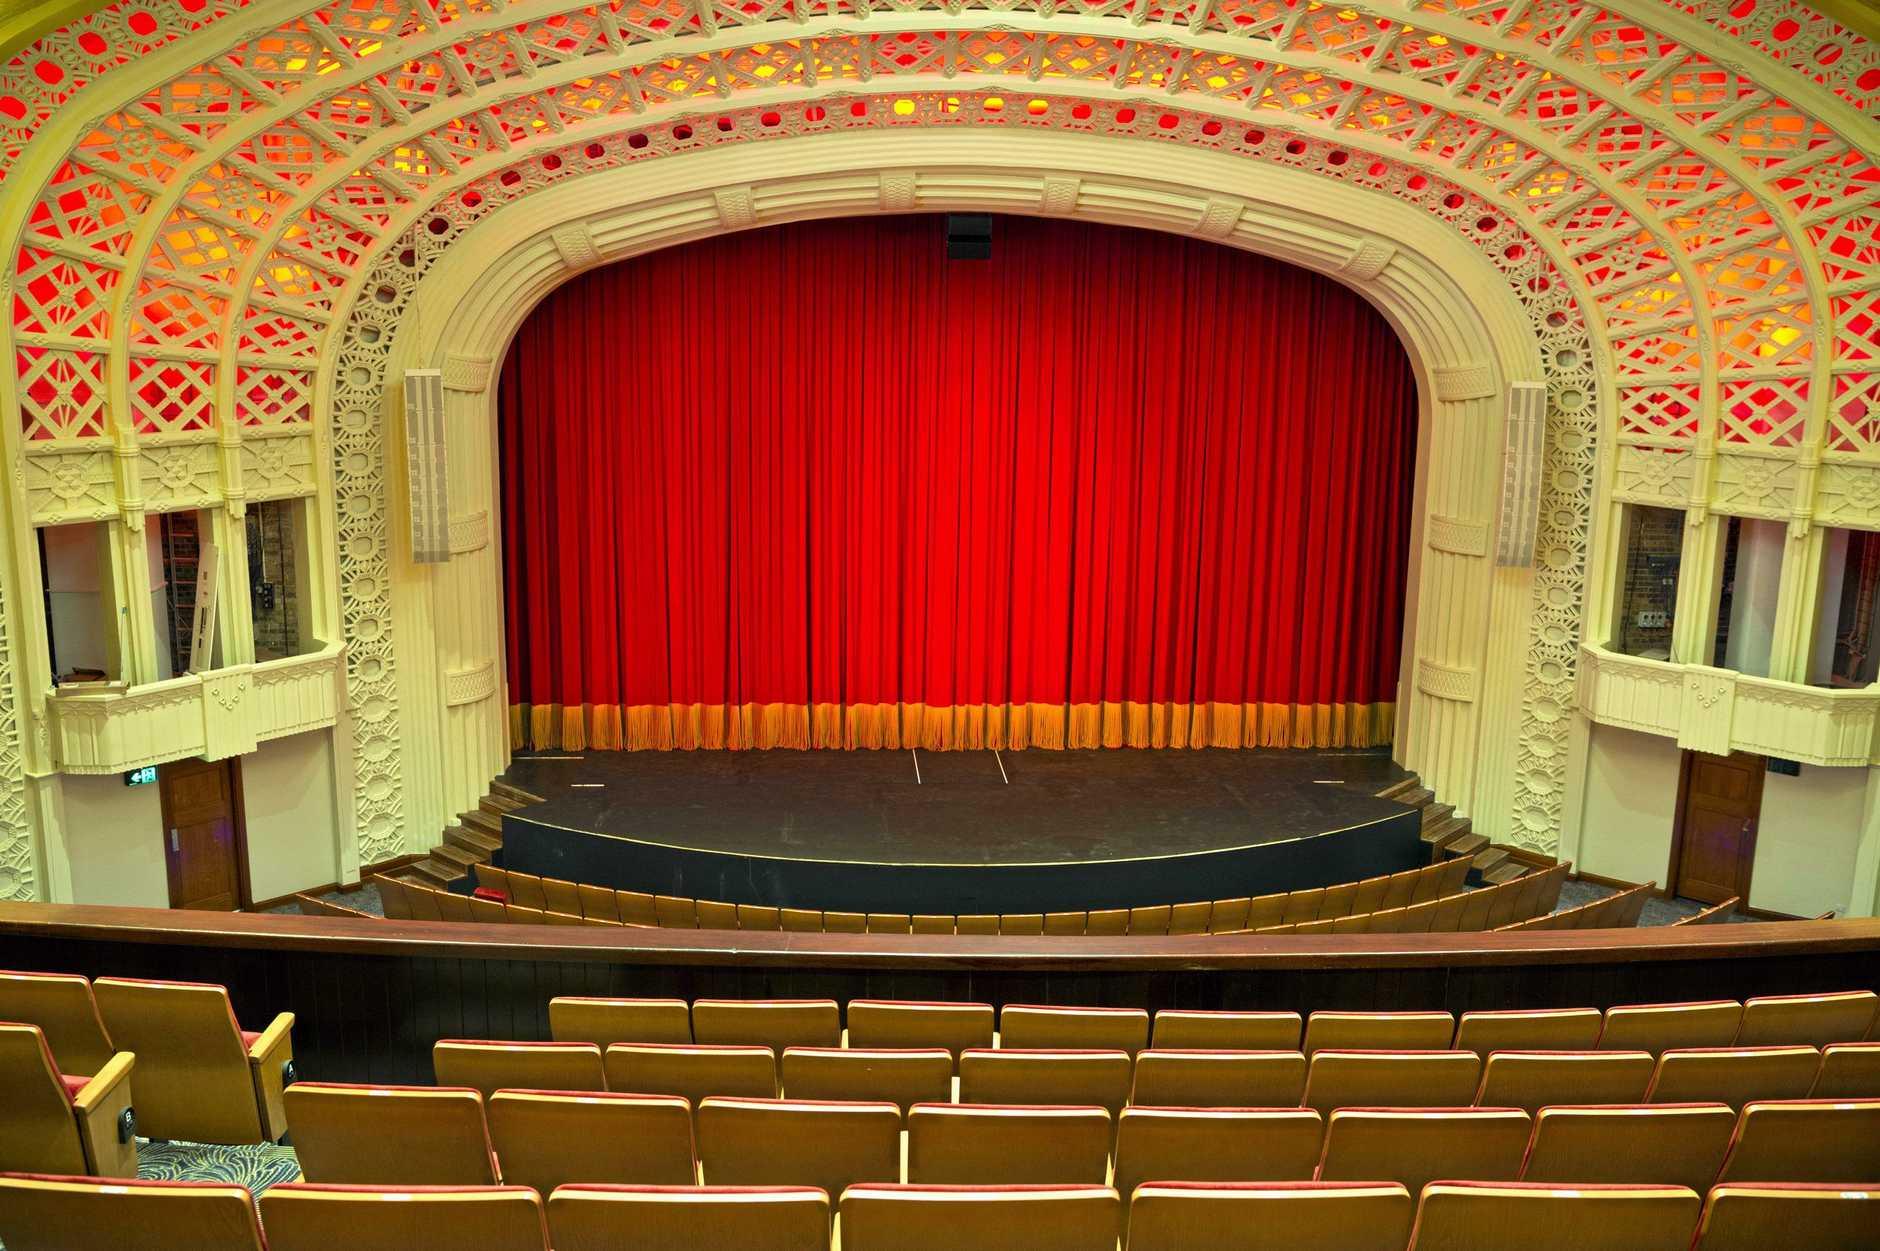 Refurbishment of the Empire Theatre, Tuesday, March 13, 2019.